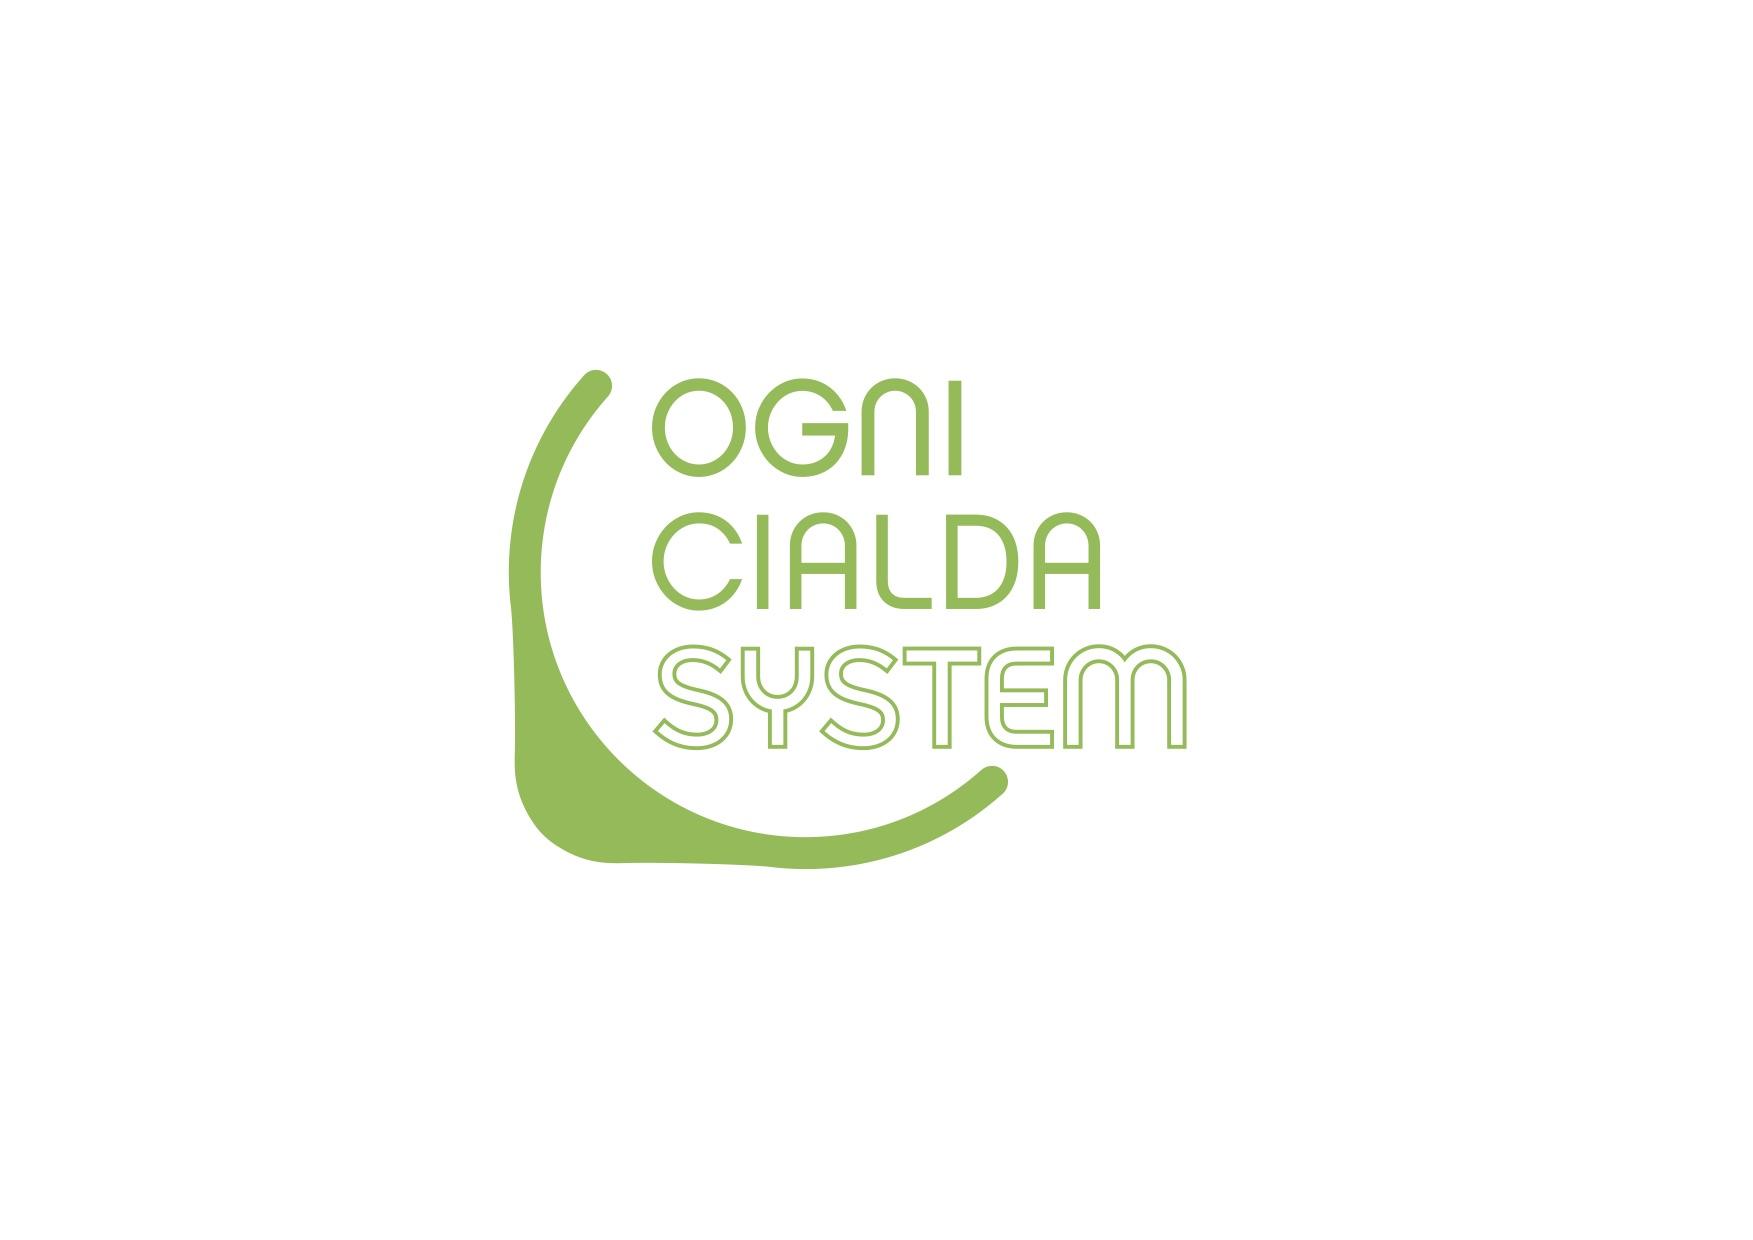 LOGO_OGNI_CIALDA_SYSTEM_CMYK